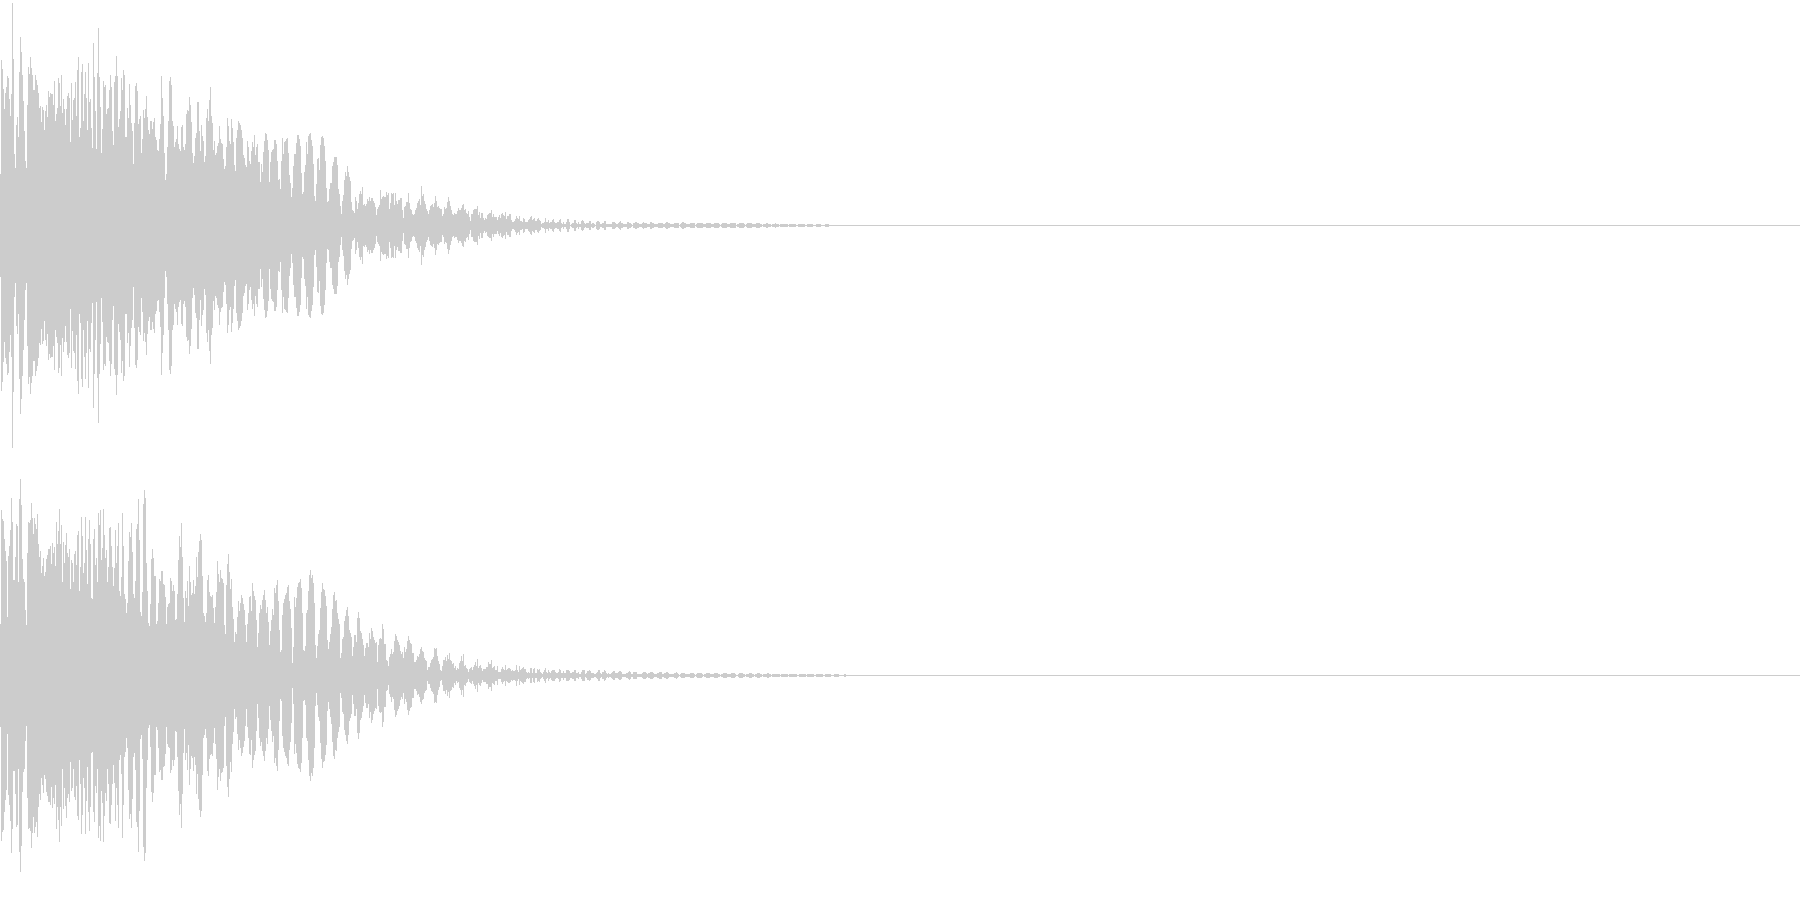 SF 宇宙戦争 レーザーピストルの音の未再生の波形